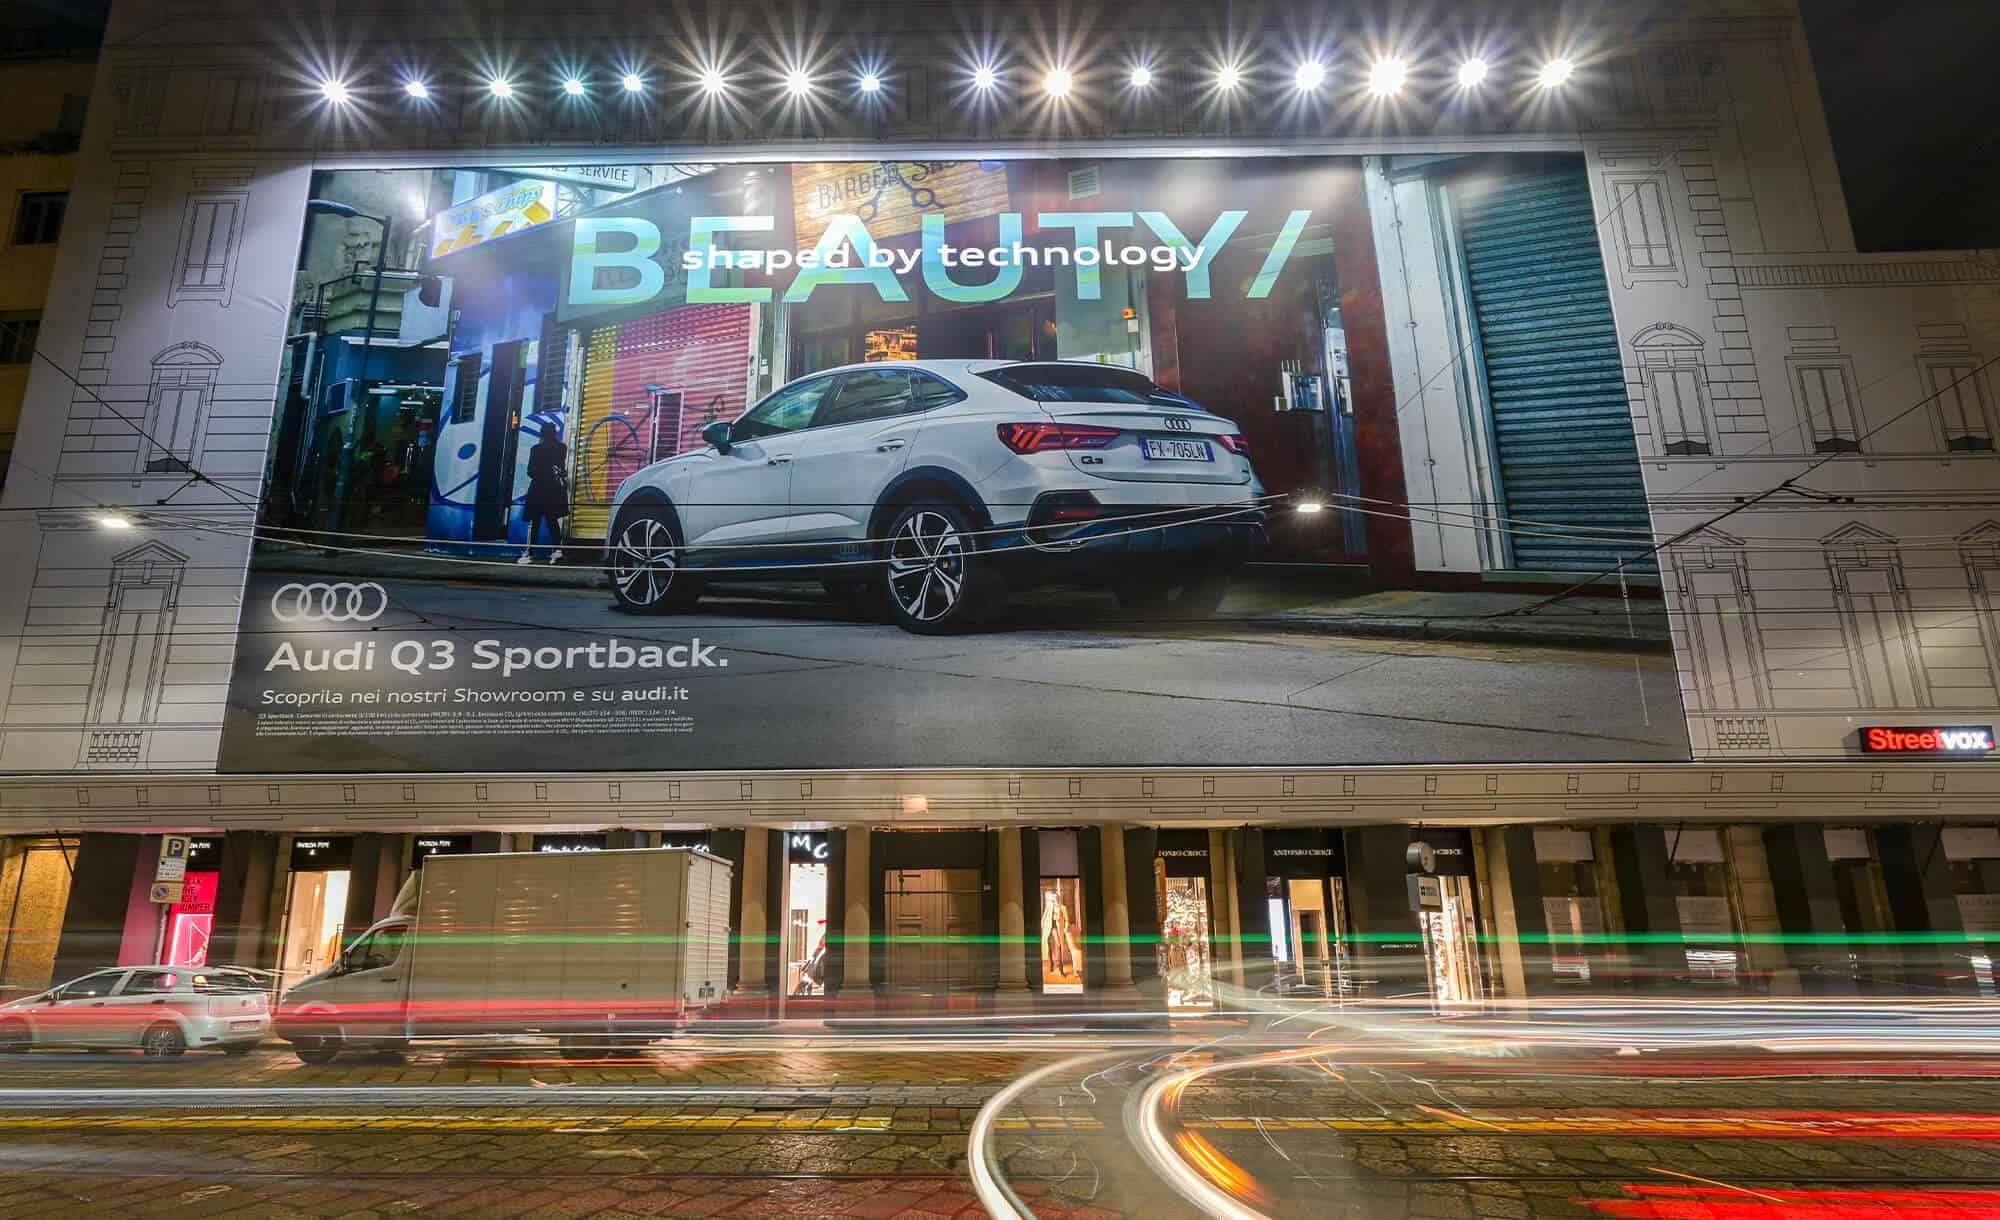 Maxi Affissione Streetvox in Via Manzoni 38 Milano Audi